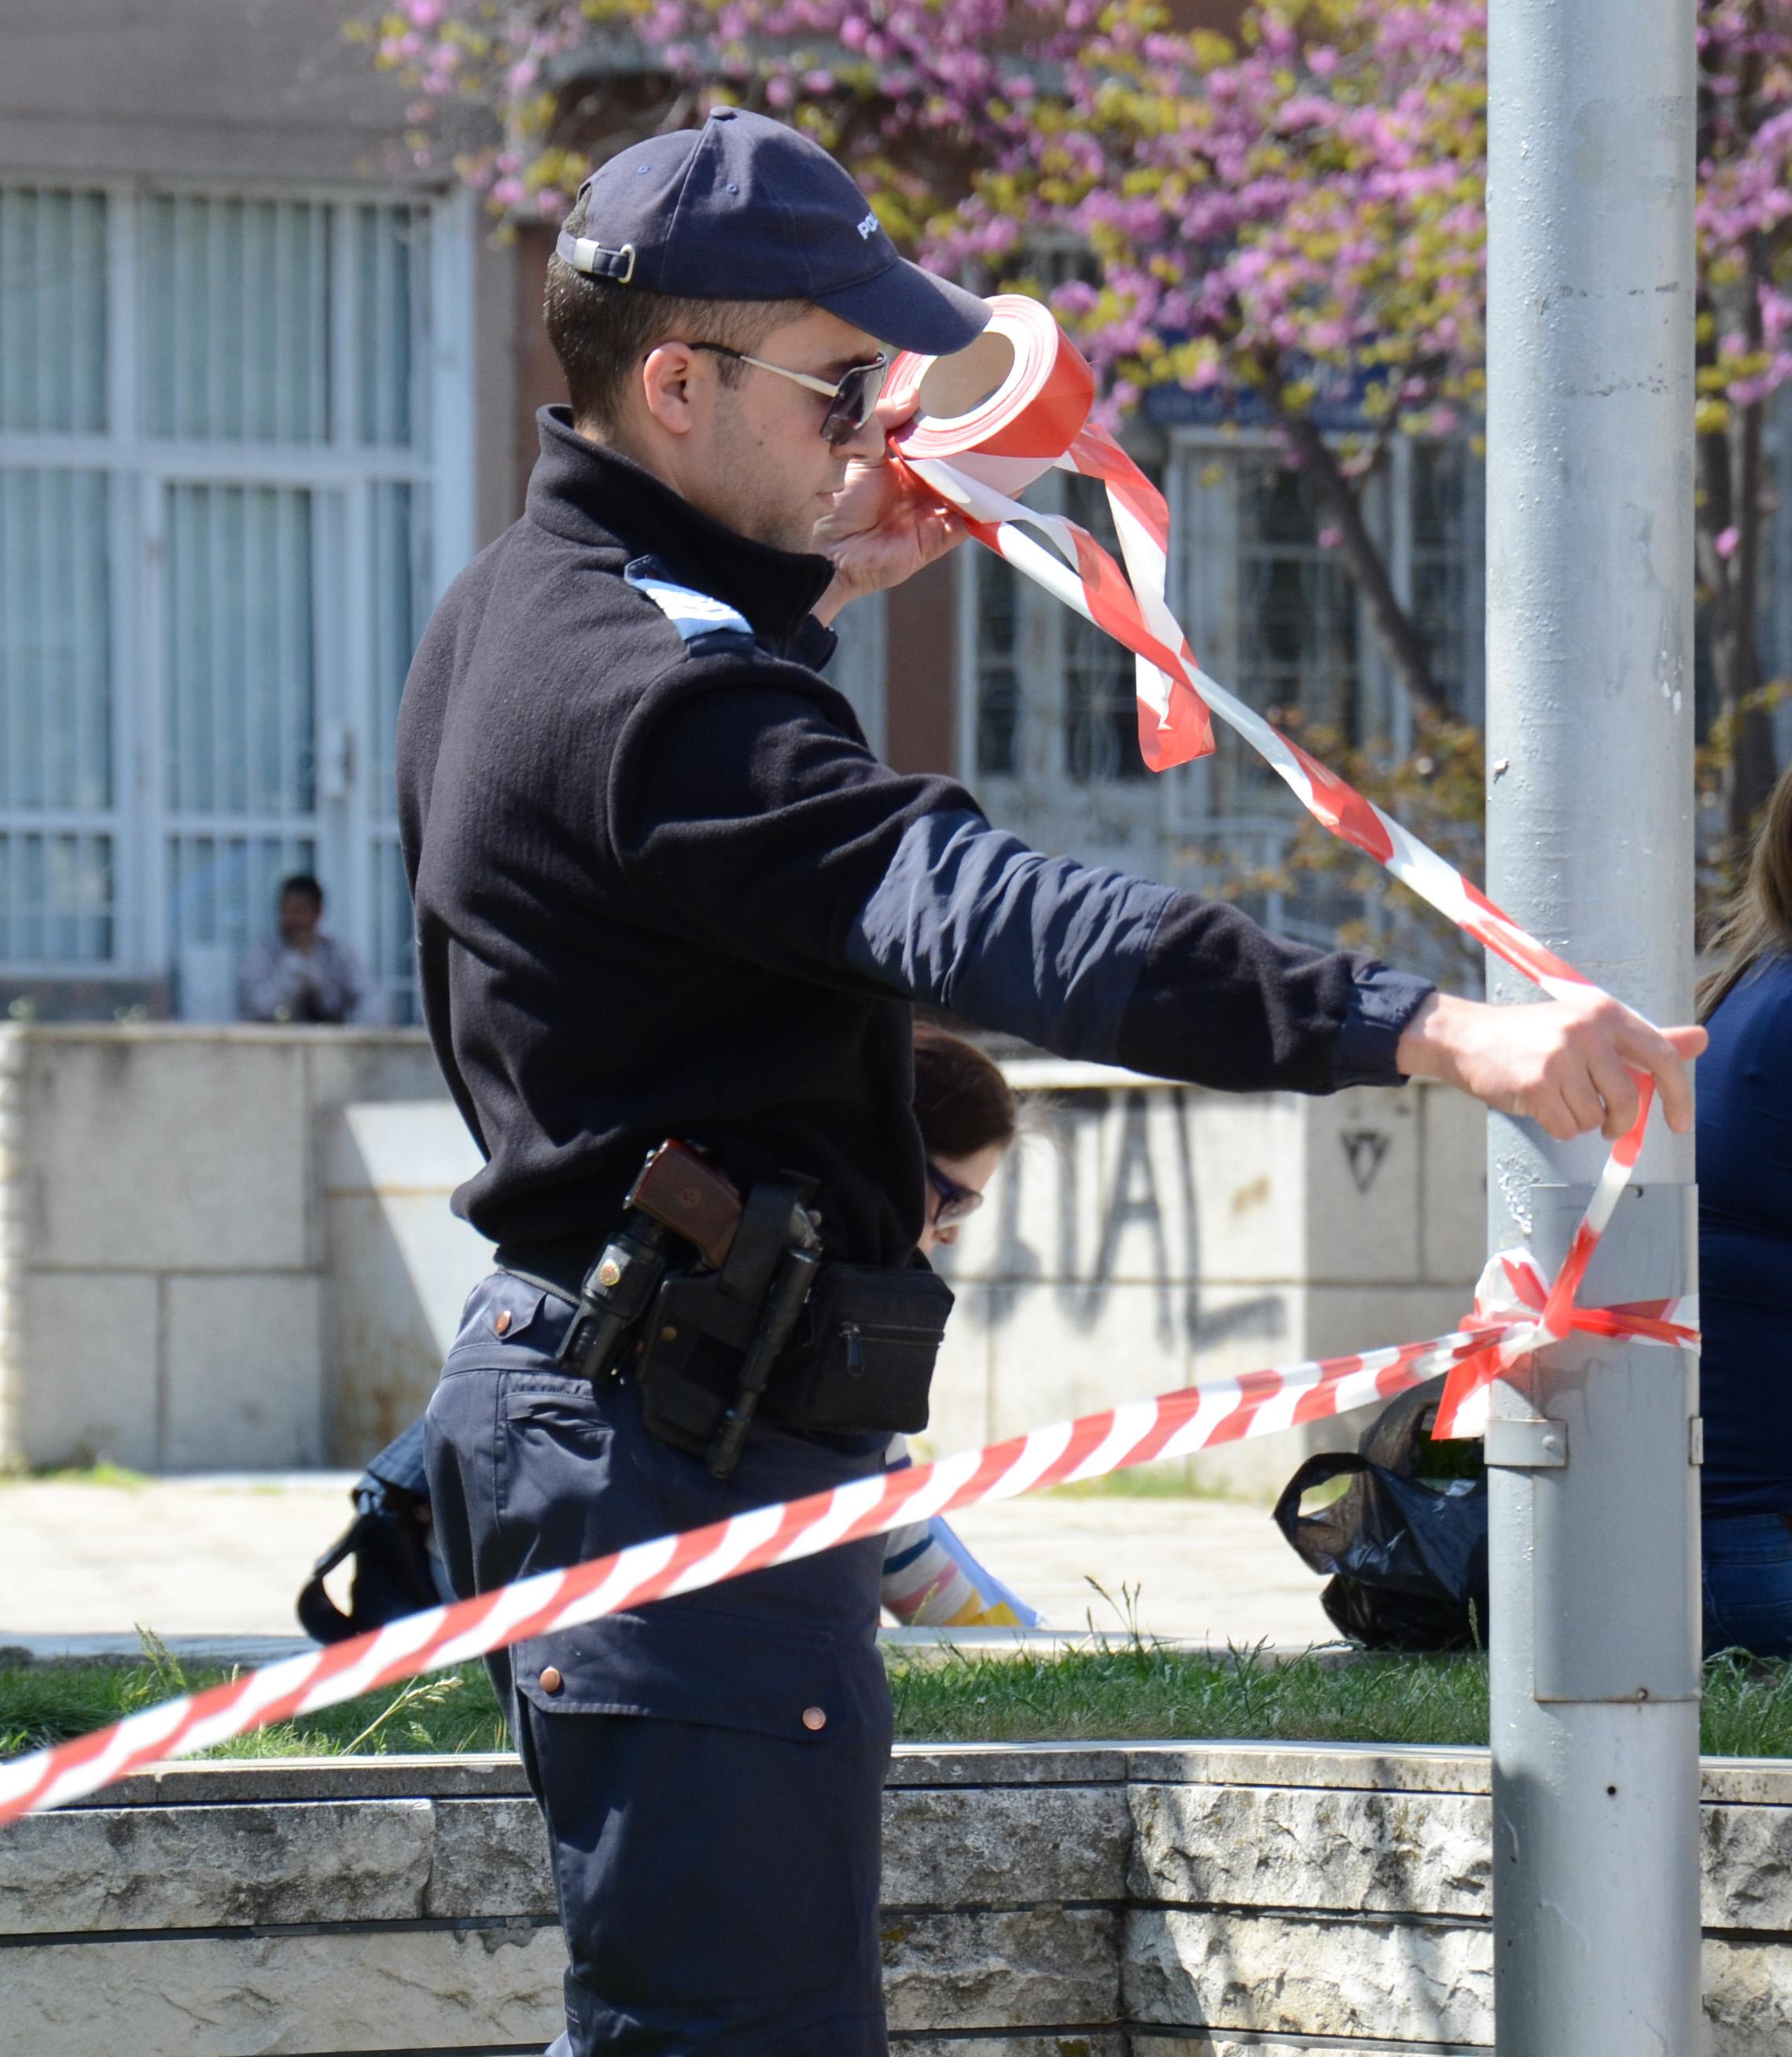 Автомат за бира уби мъж на фестивал в Обзор